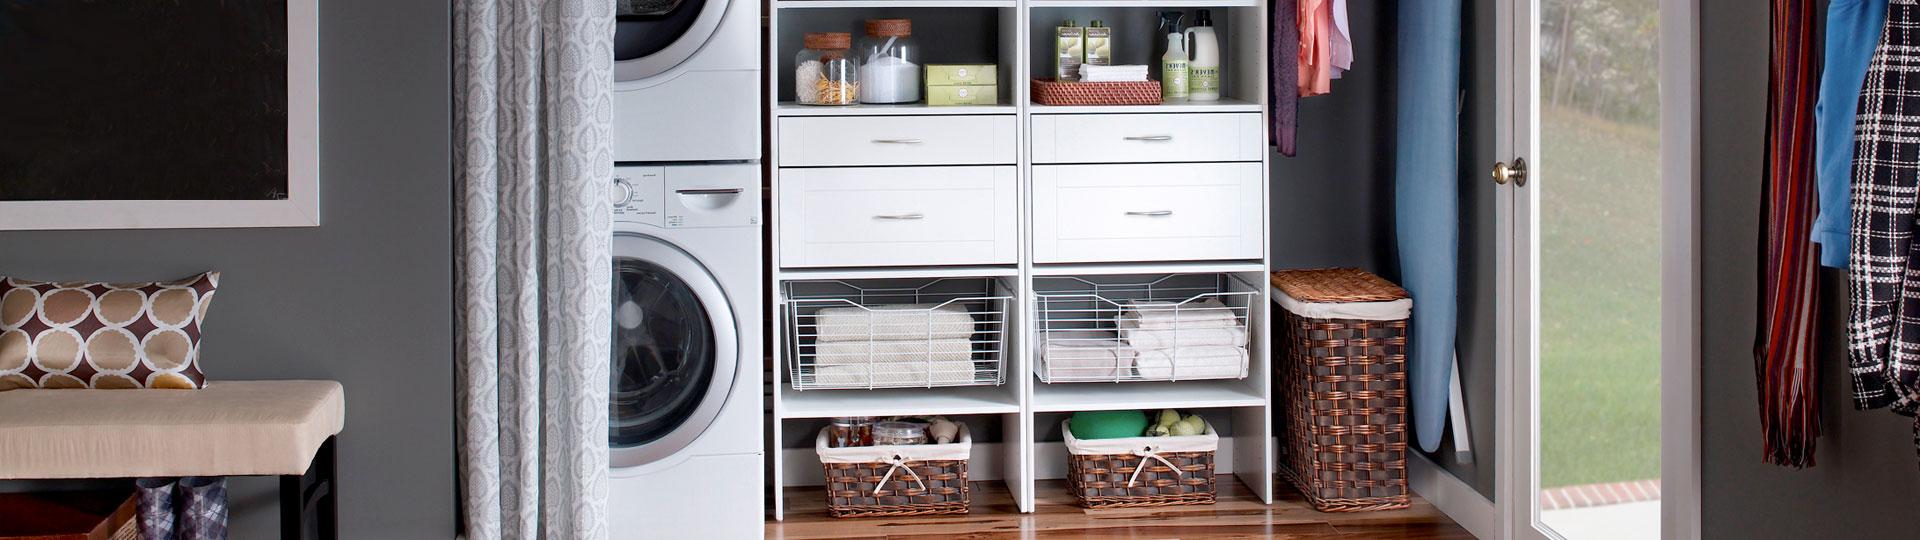 Vendita online accessori e ricambi elettrodomestici per lavanderia paritec paritec ricambi - Accessori lavanderia casa ...